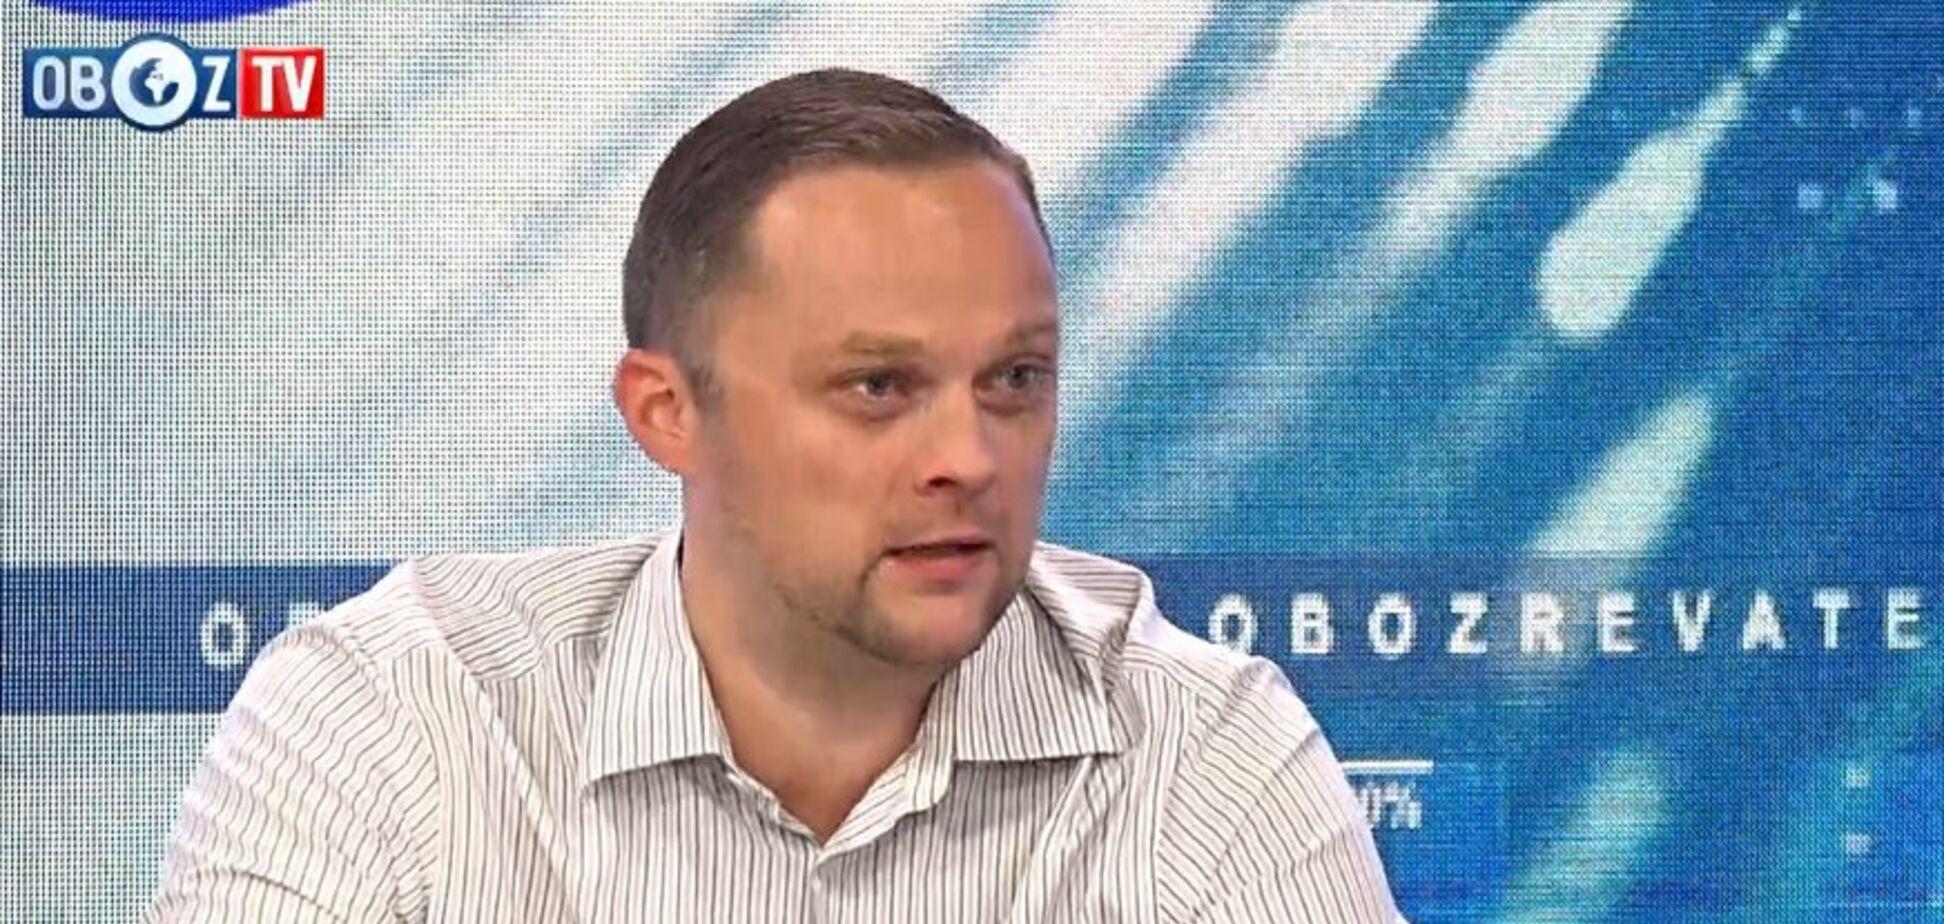 Экономика Украины после выборов: эксперт рассказал, чего ожидать уже в ближайшее время